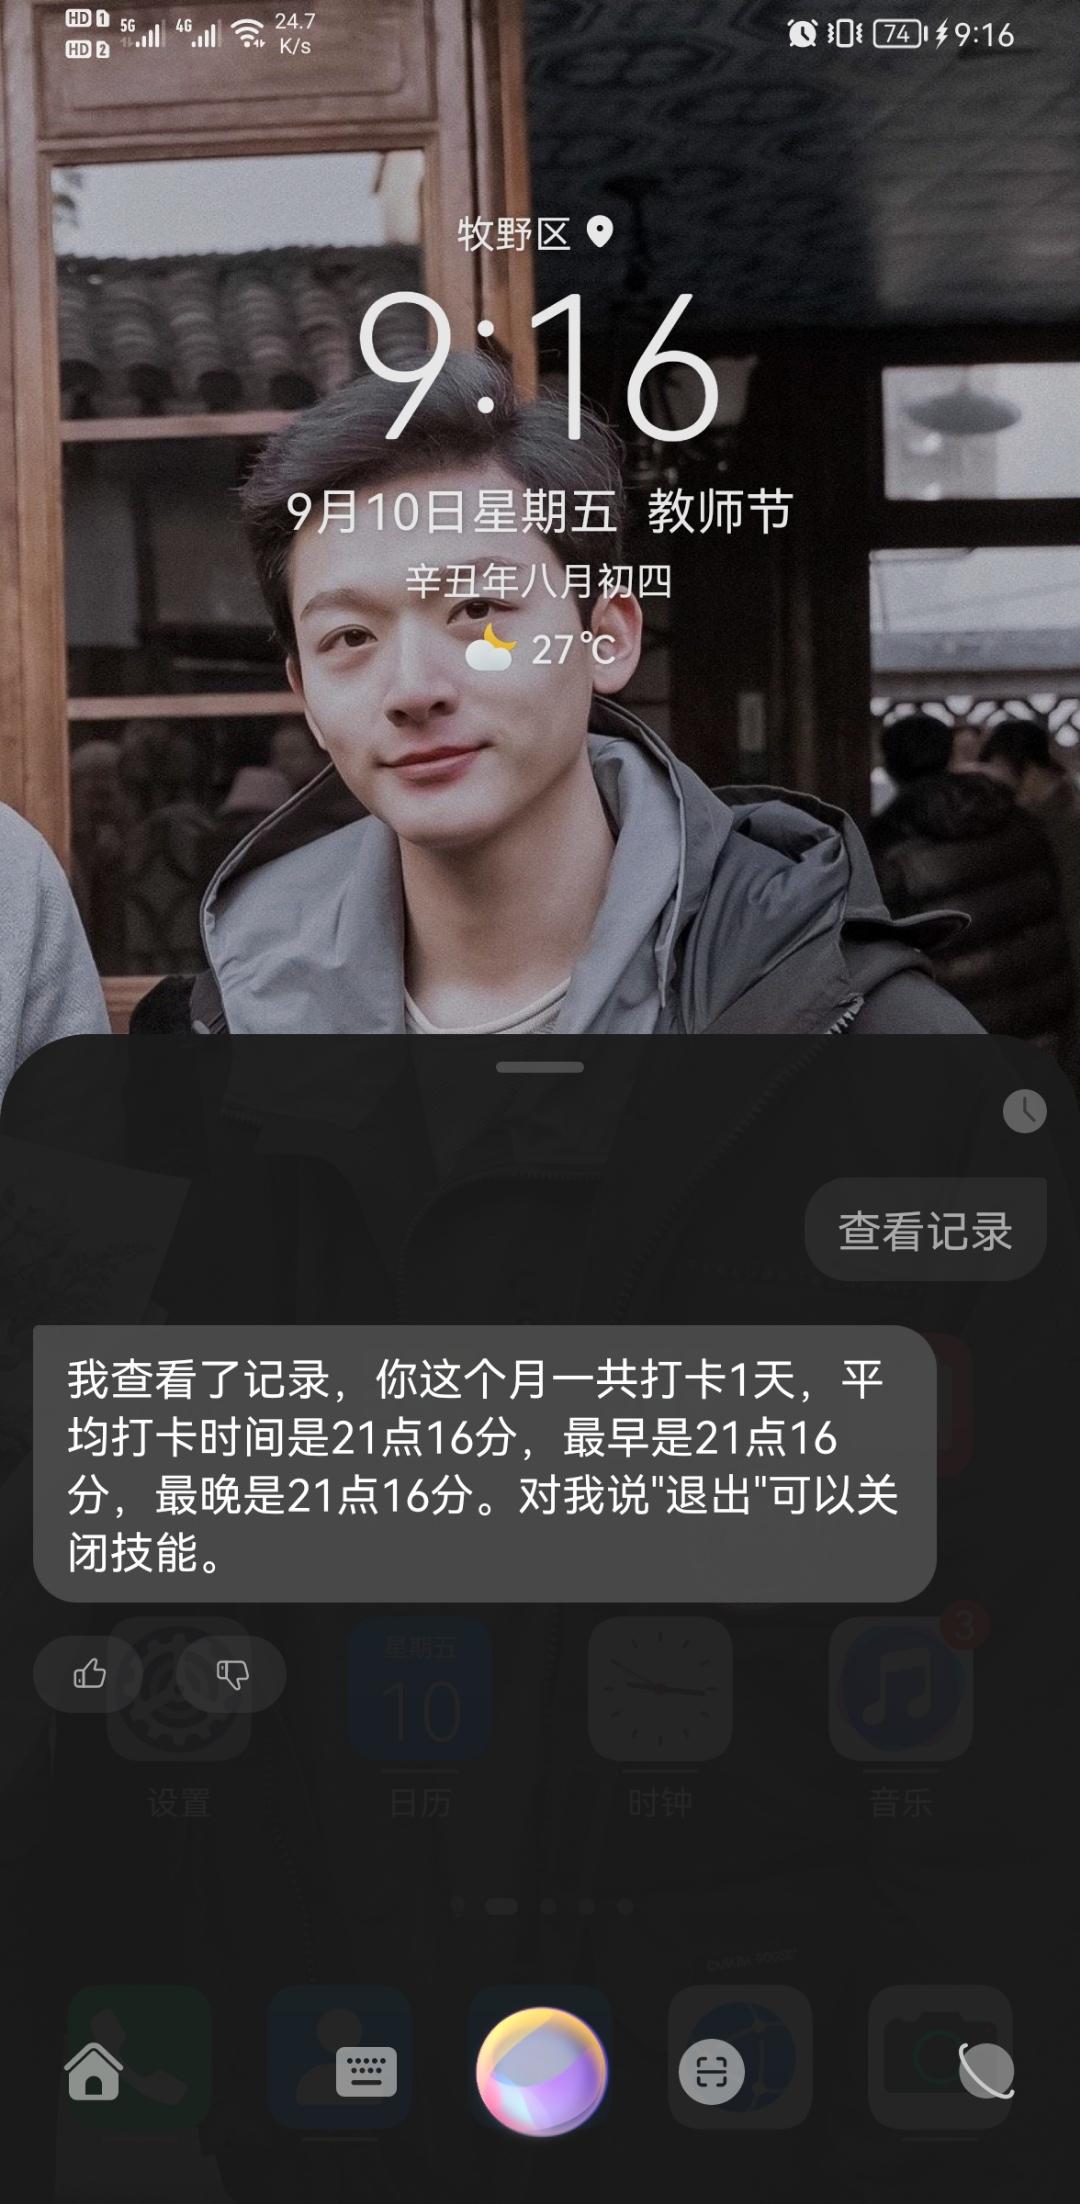 Screenshot_20210910_211651_com.huawei.android.launcher.jpg